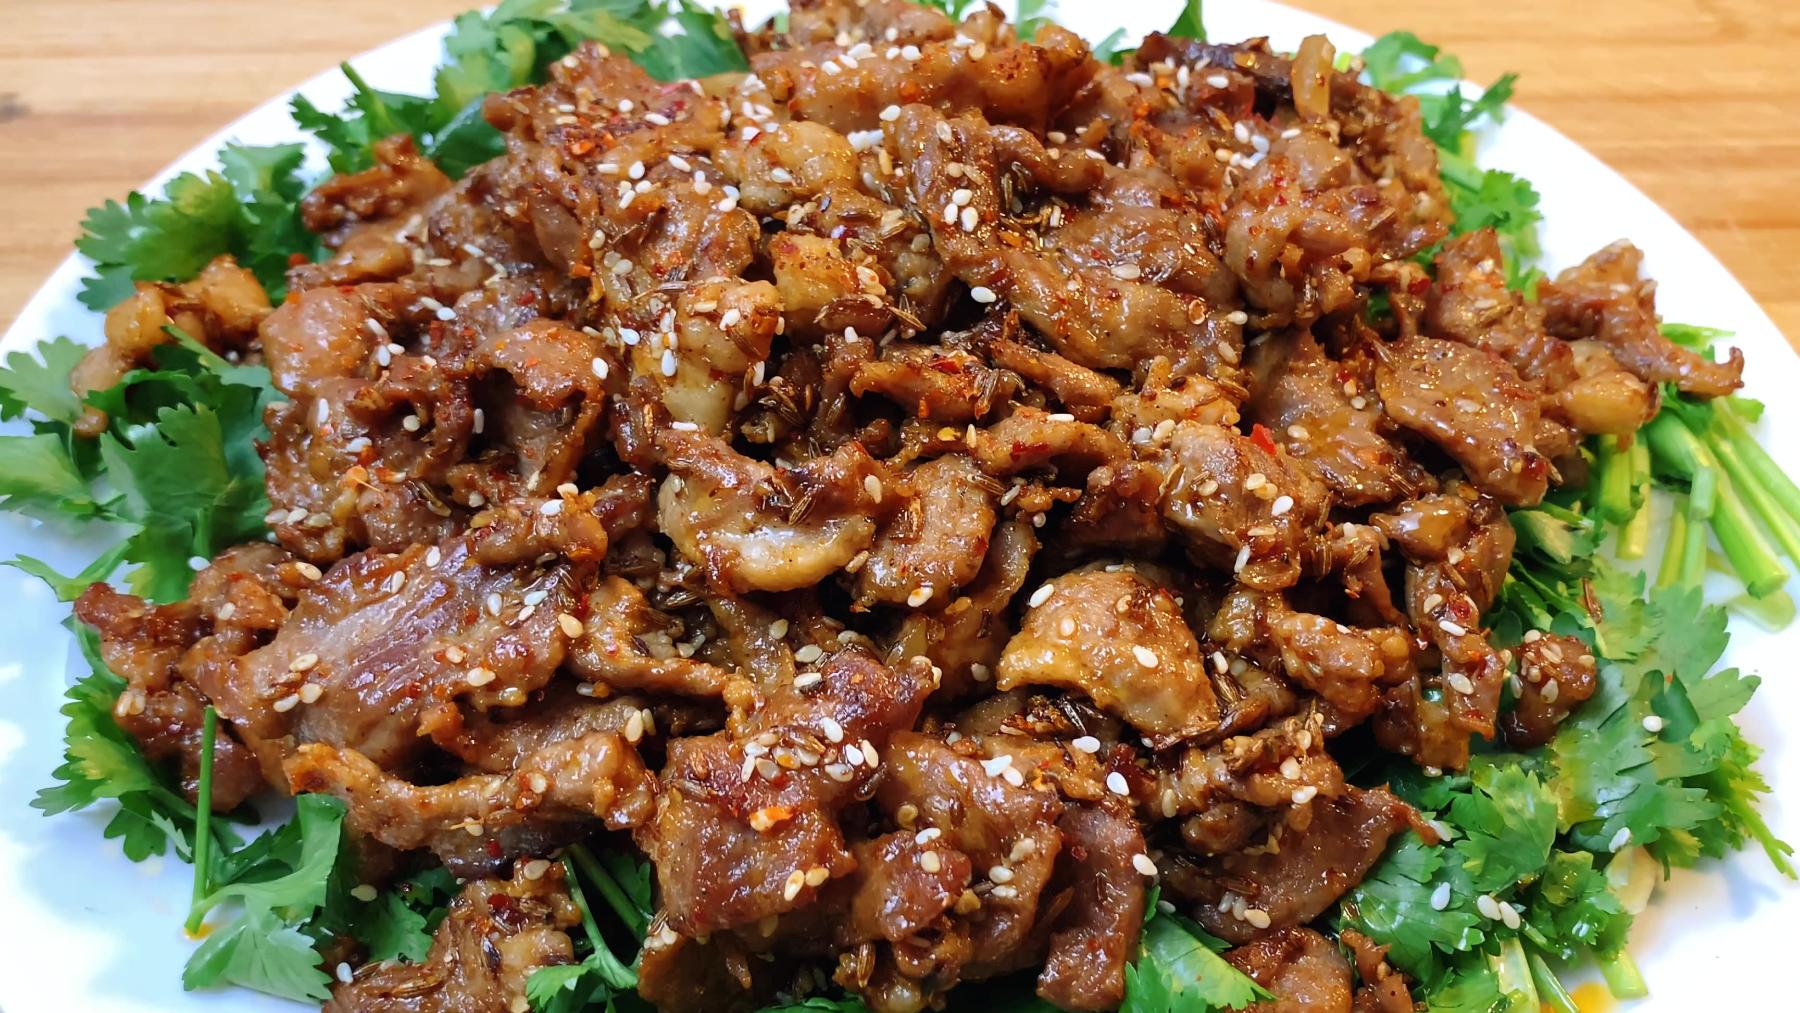 孜然羊肉,有人油炸有人直接炒,大厨教你正确做法,比羊肉串还好吃